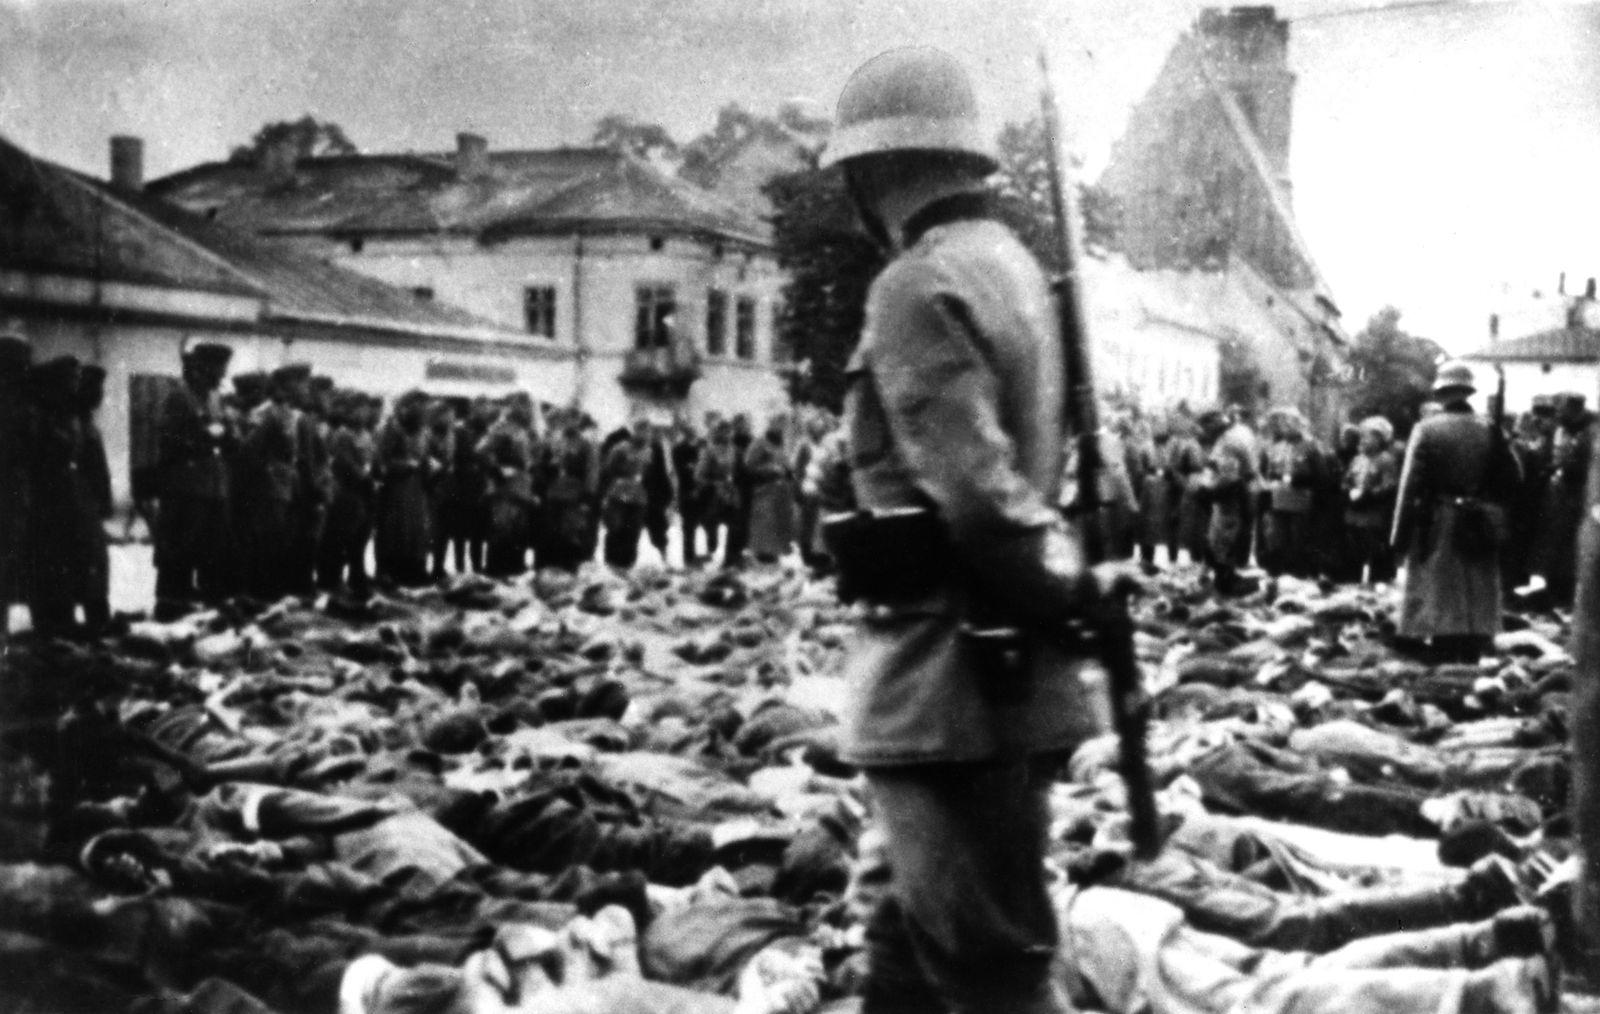 Hans Swarowsky - Selektion der Juden auf dem Ringplatz in Olkusz, die dabei gezwungen werden, bei Frost und Schnee am Boden zu liegen